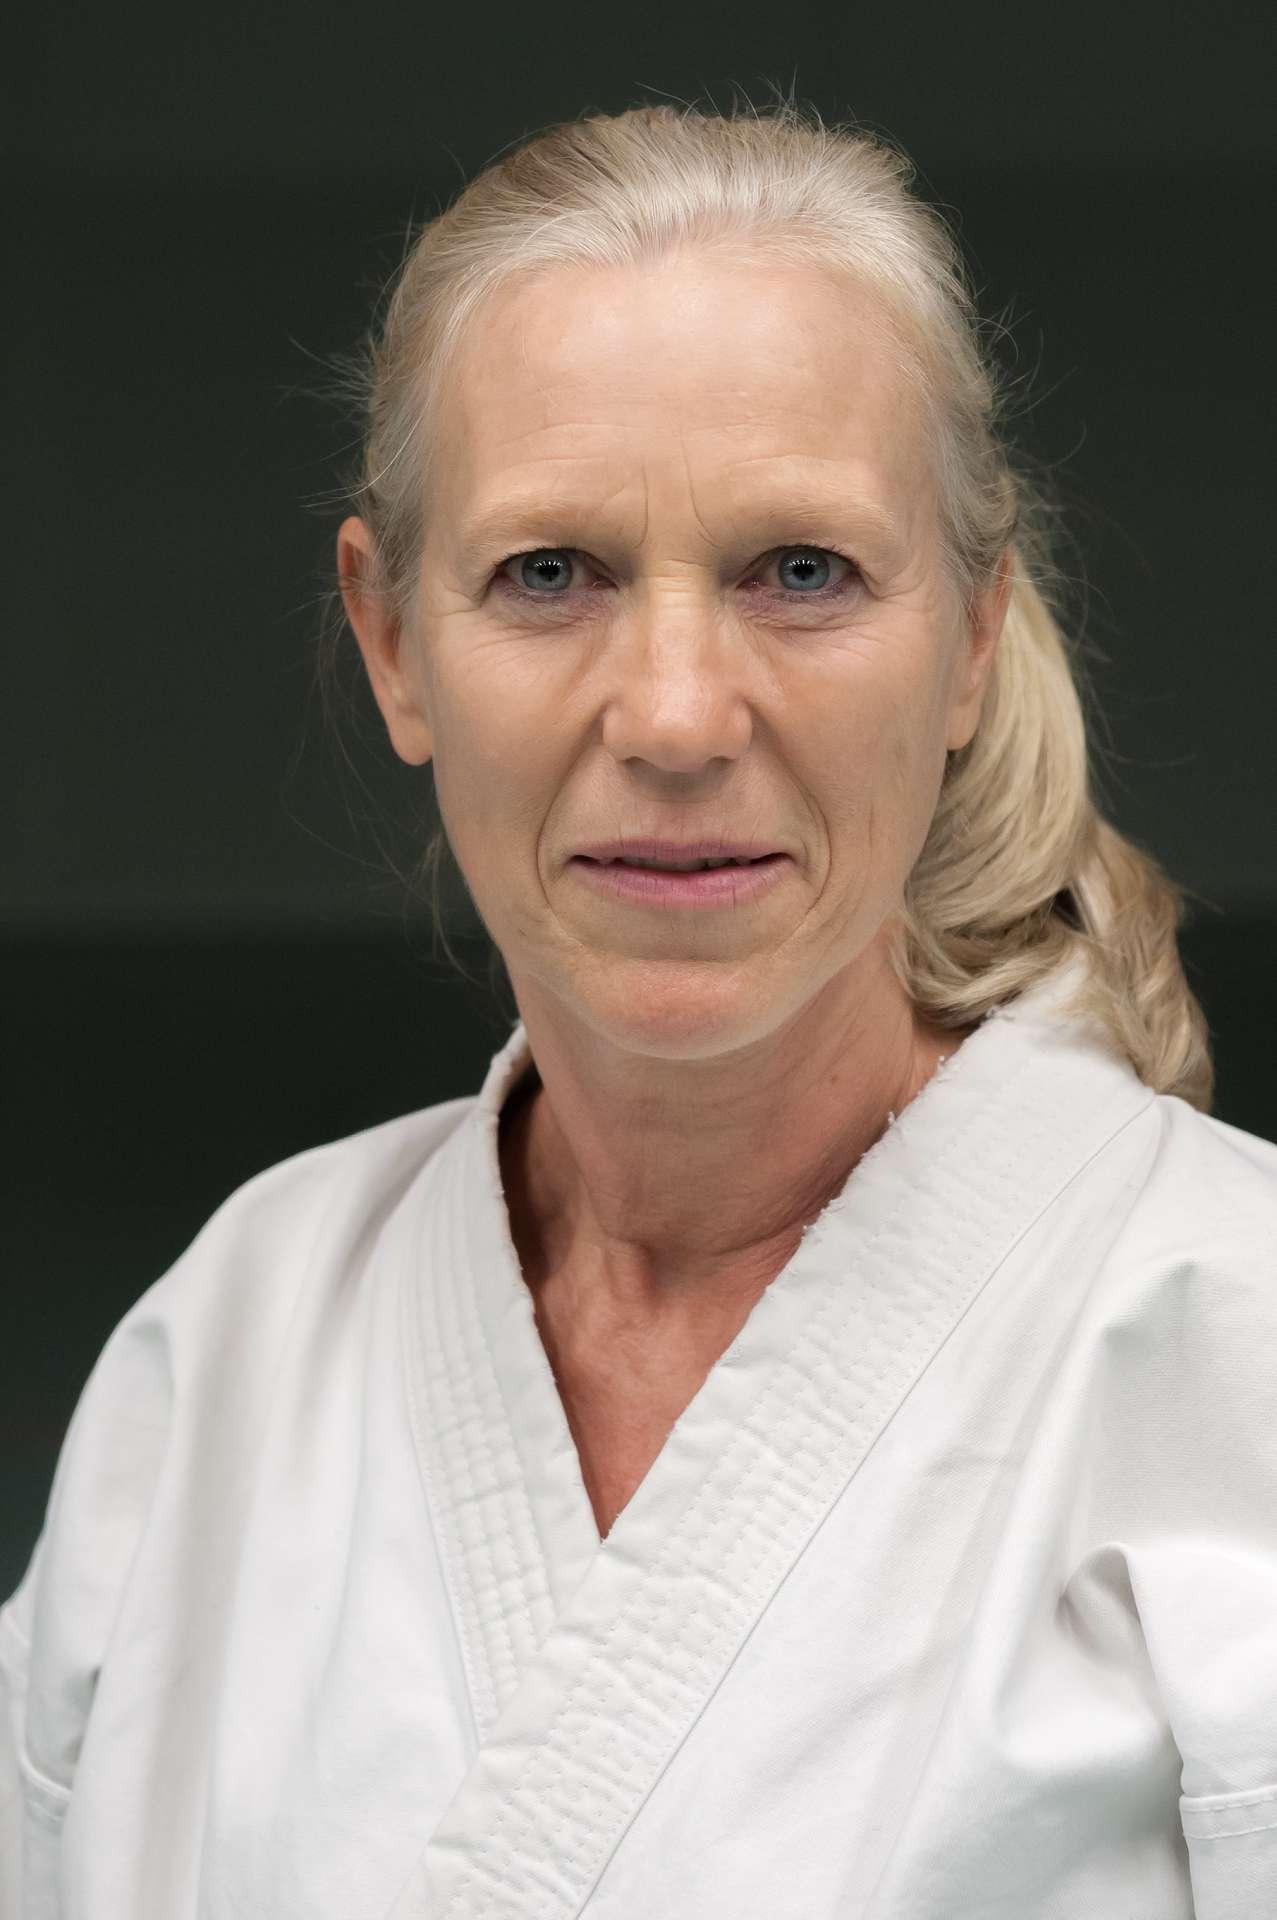 Elke Holste